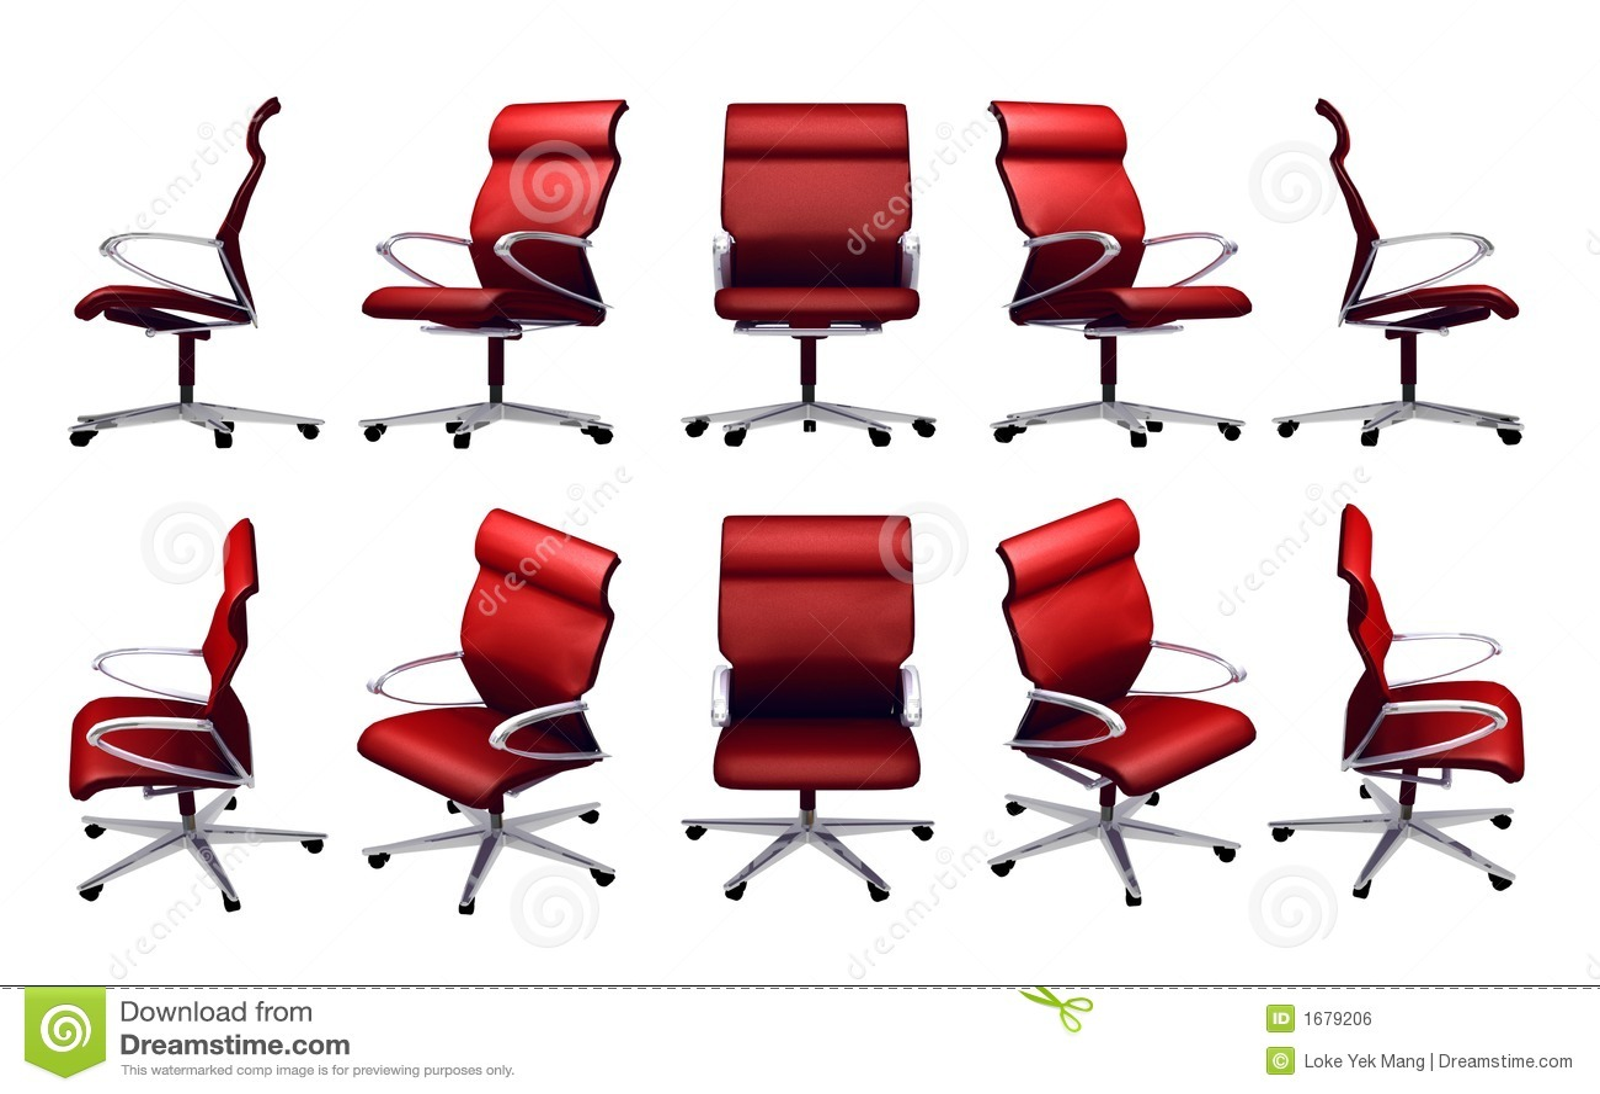 Krzesło urzędu ilustracji. Ilustracja złożonej z chrom 1679206